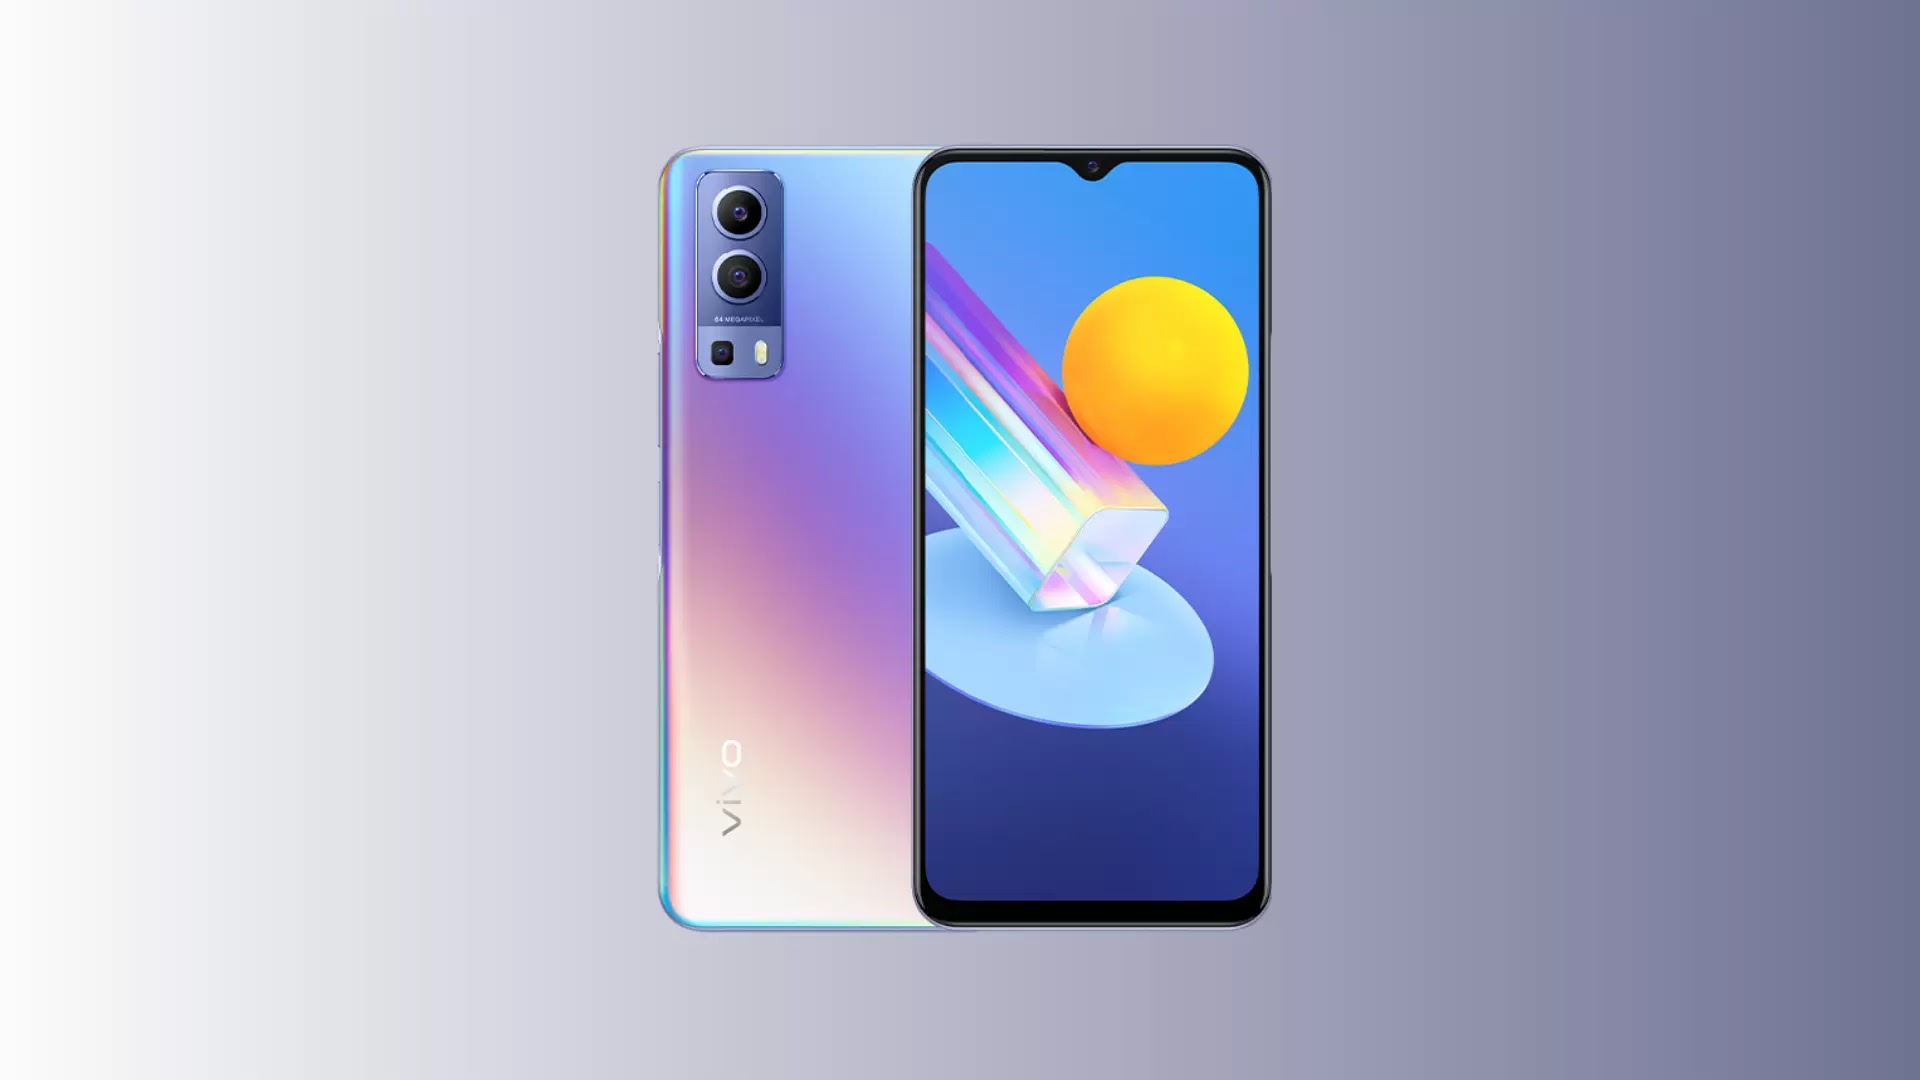 ইউরোপে Vivo Y52 5G স্মার্টফোনটিকে লঞ্চ করে দেওয়া হয়েছে